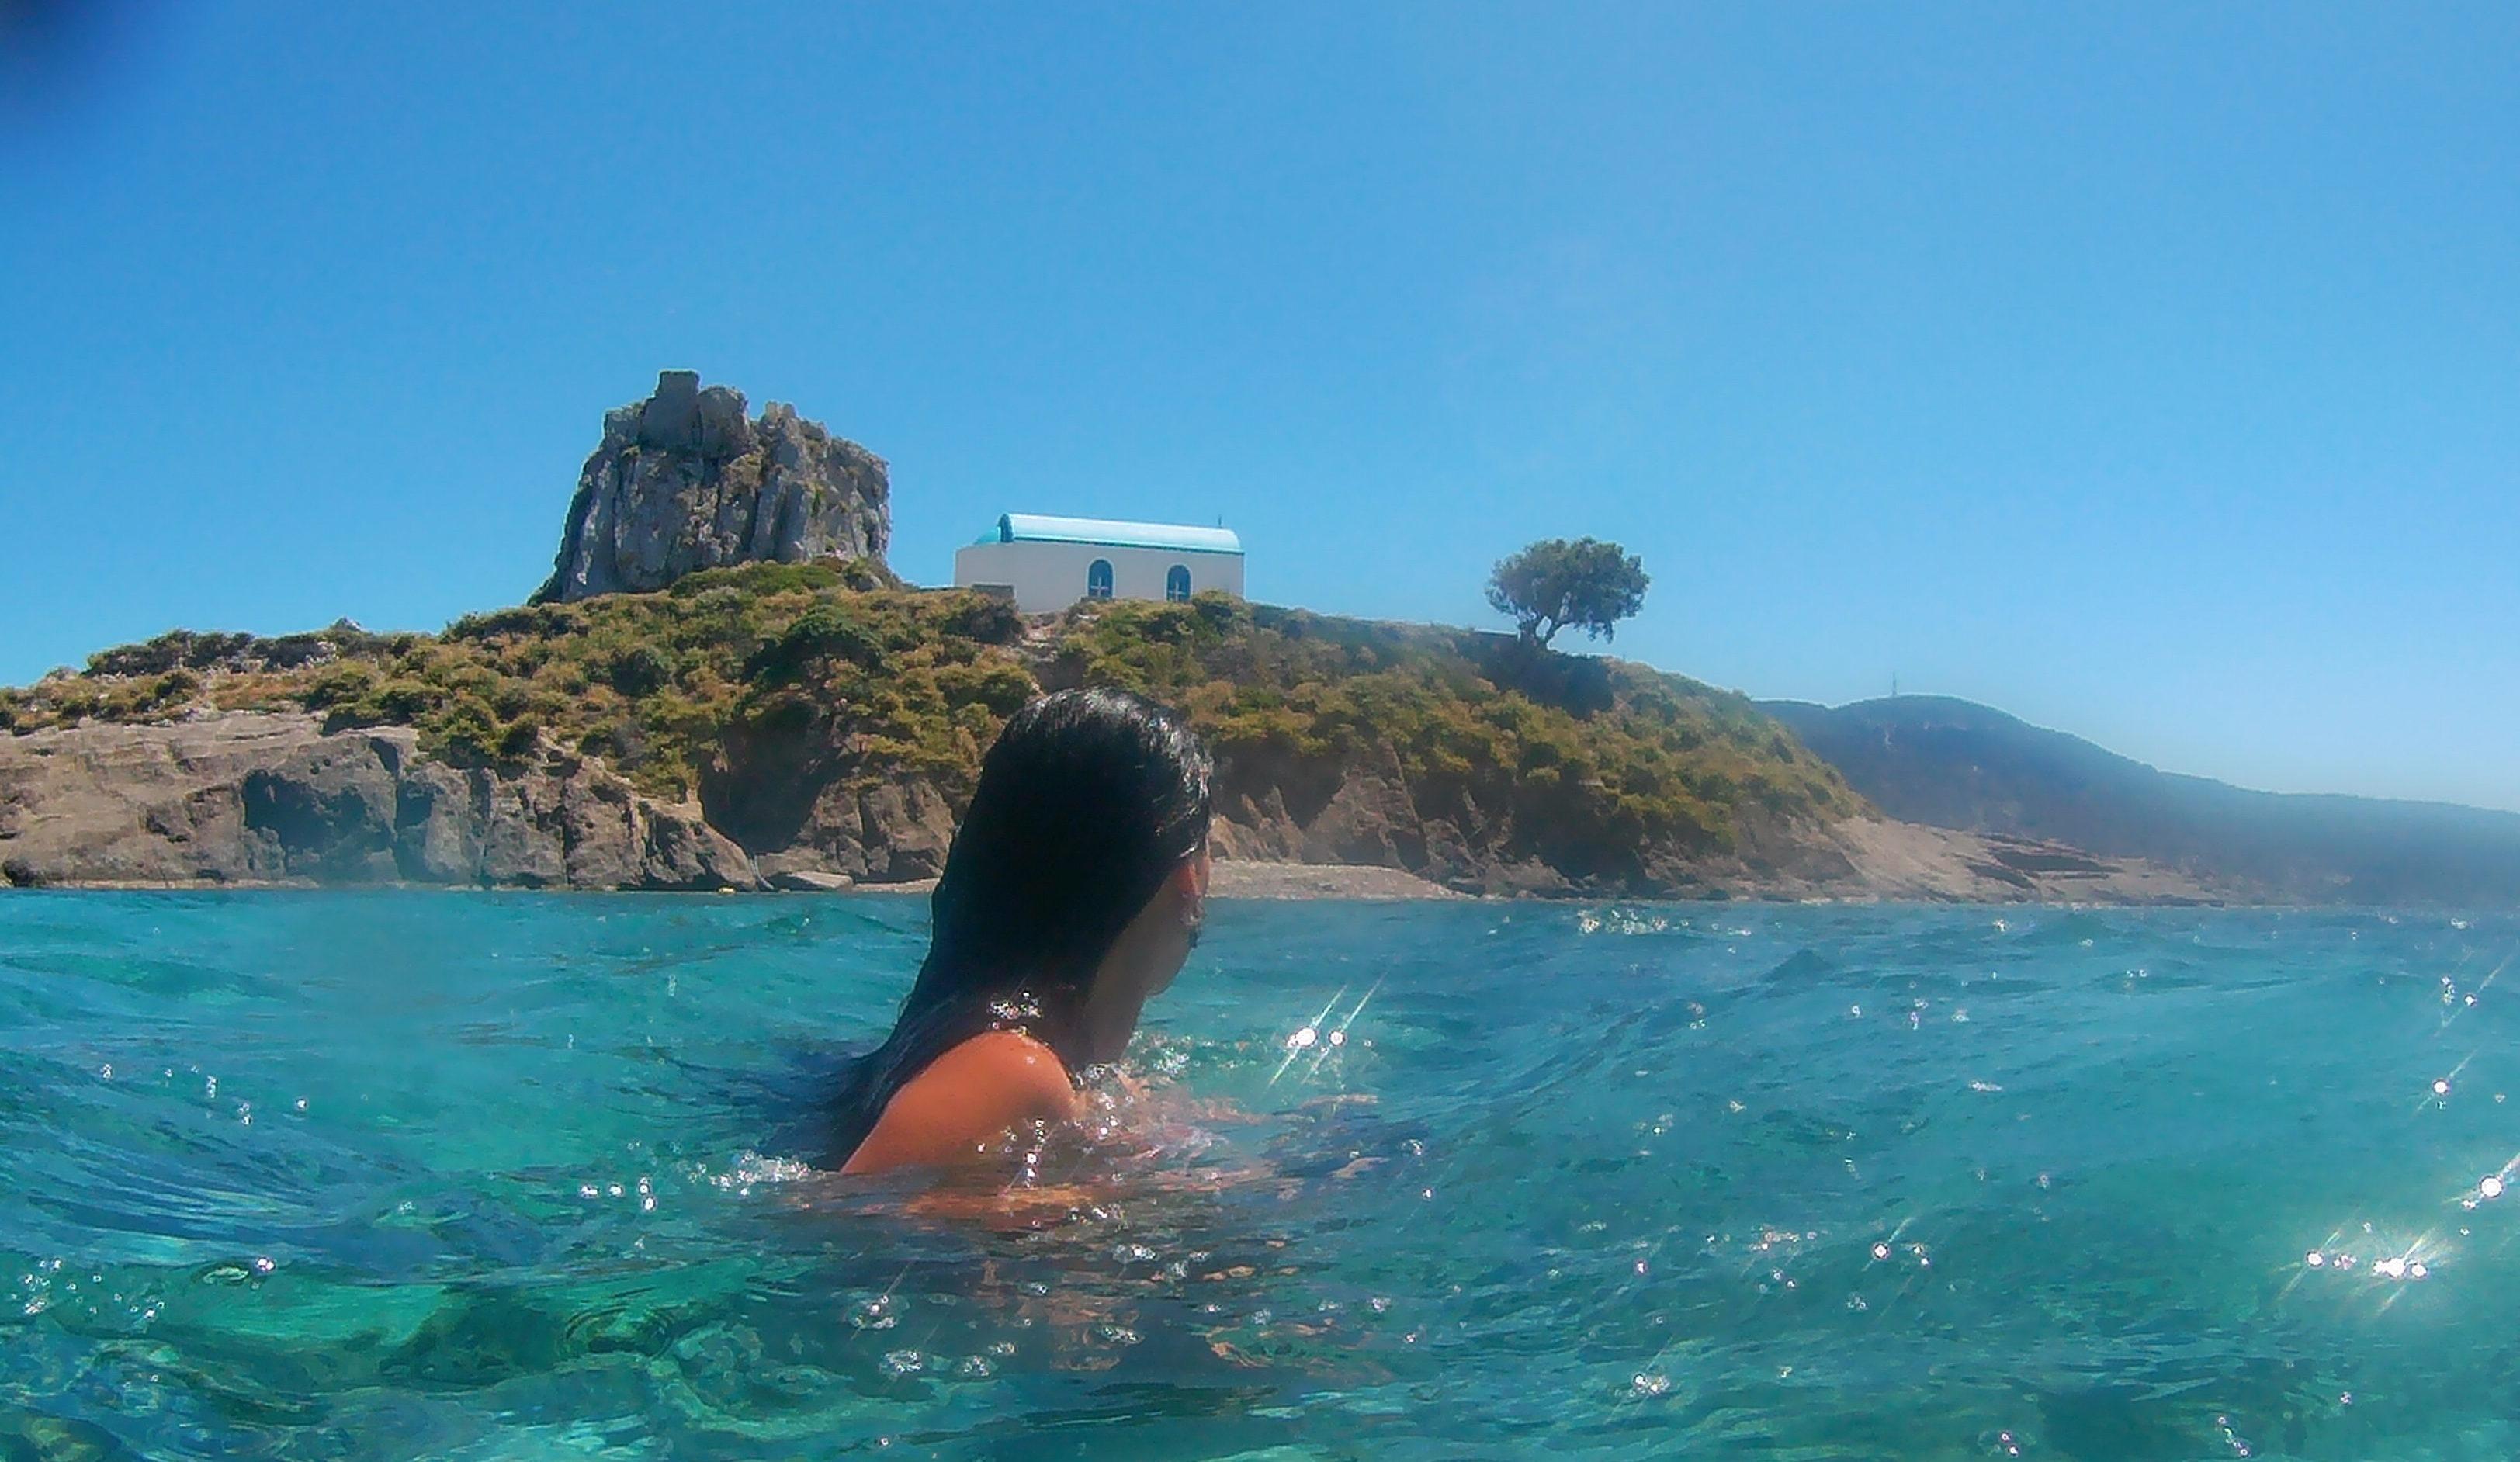 Yüzerek adaya çıkıyoruz